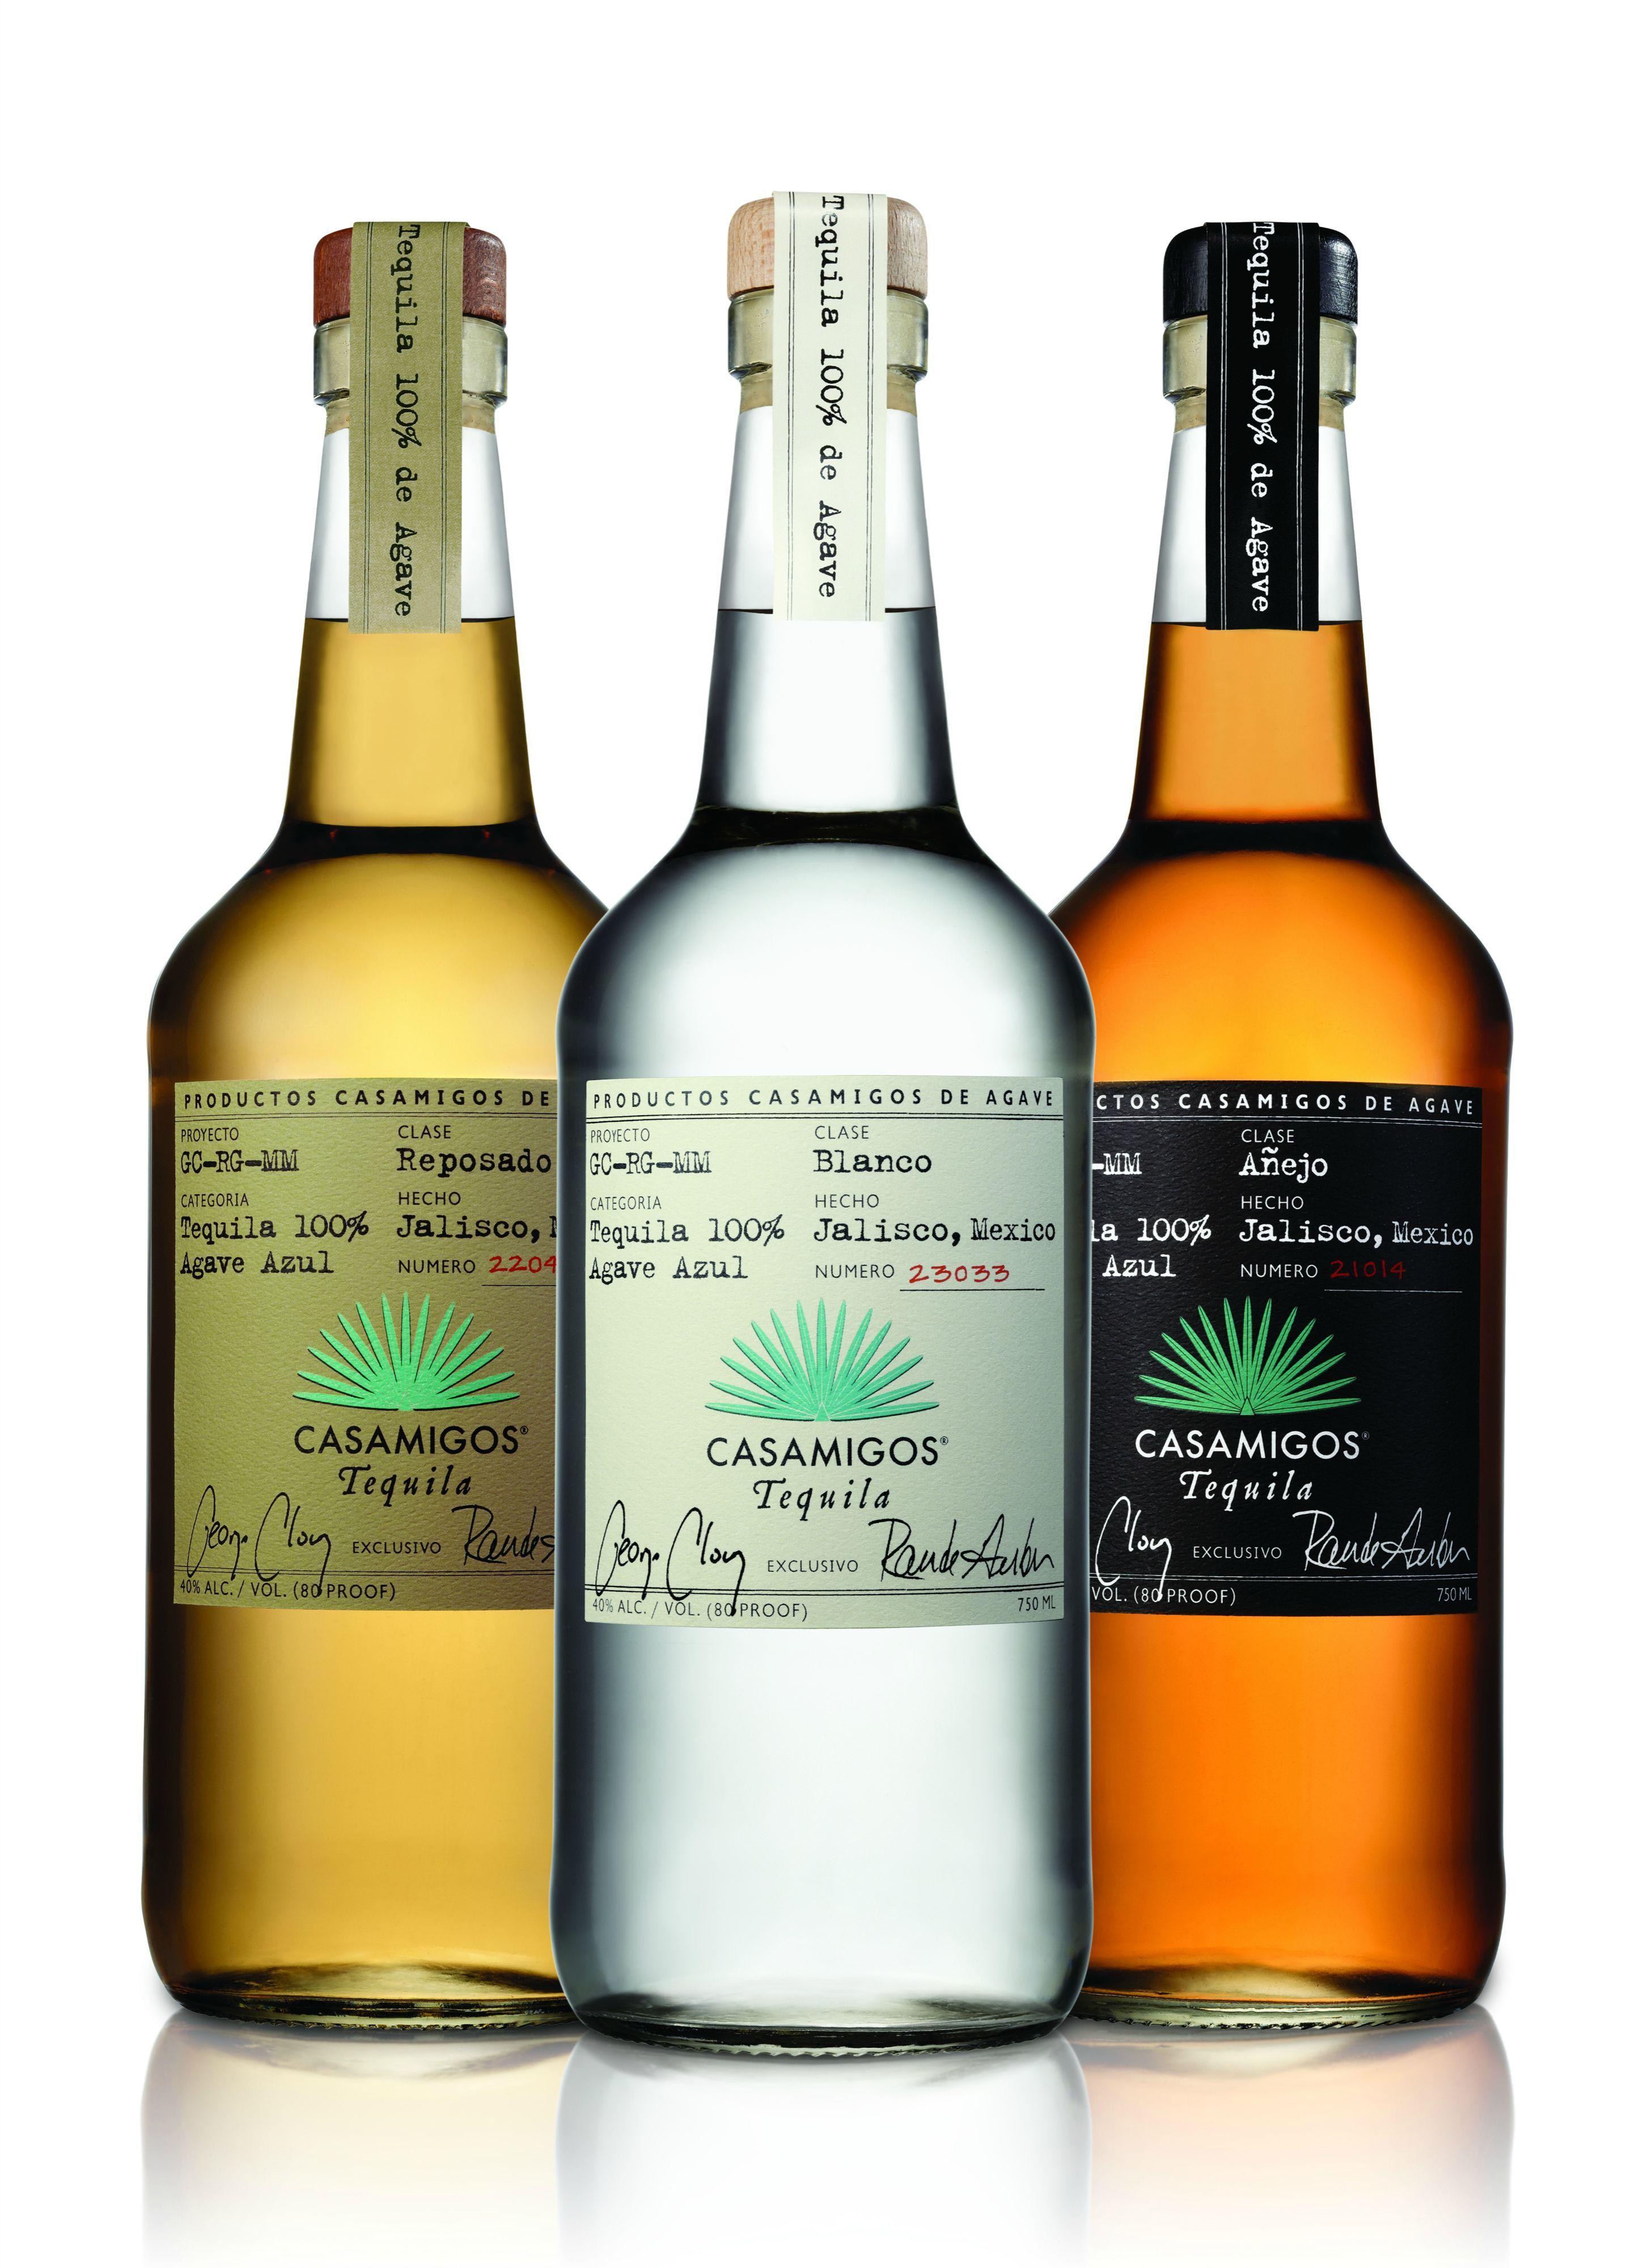 Casamigo bottle lineup